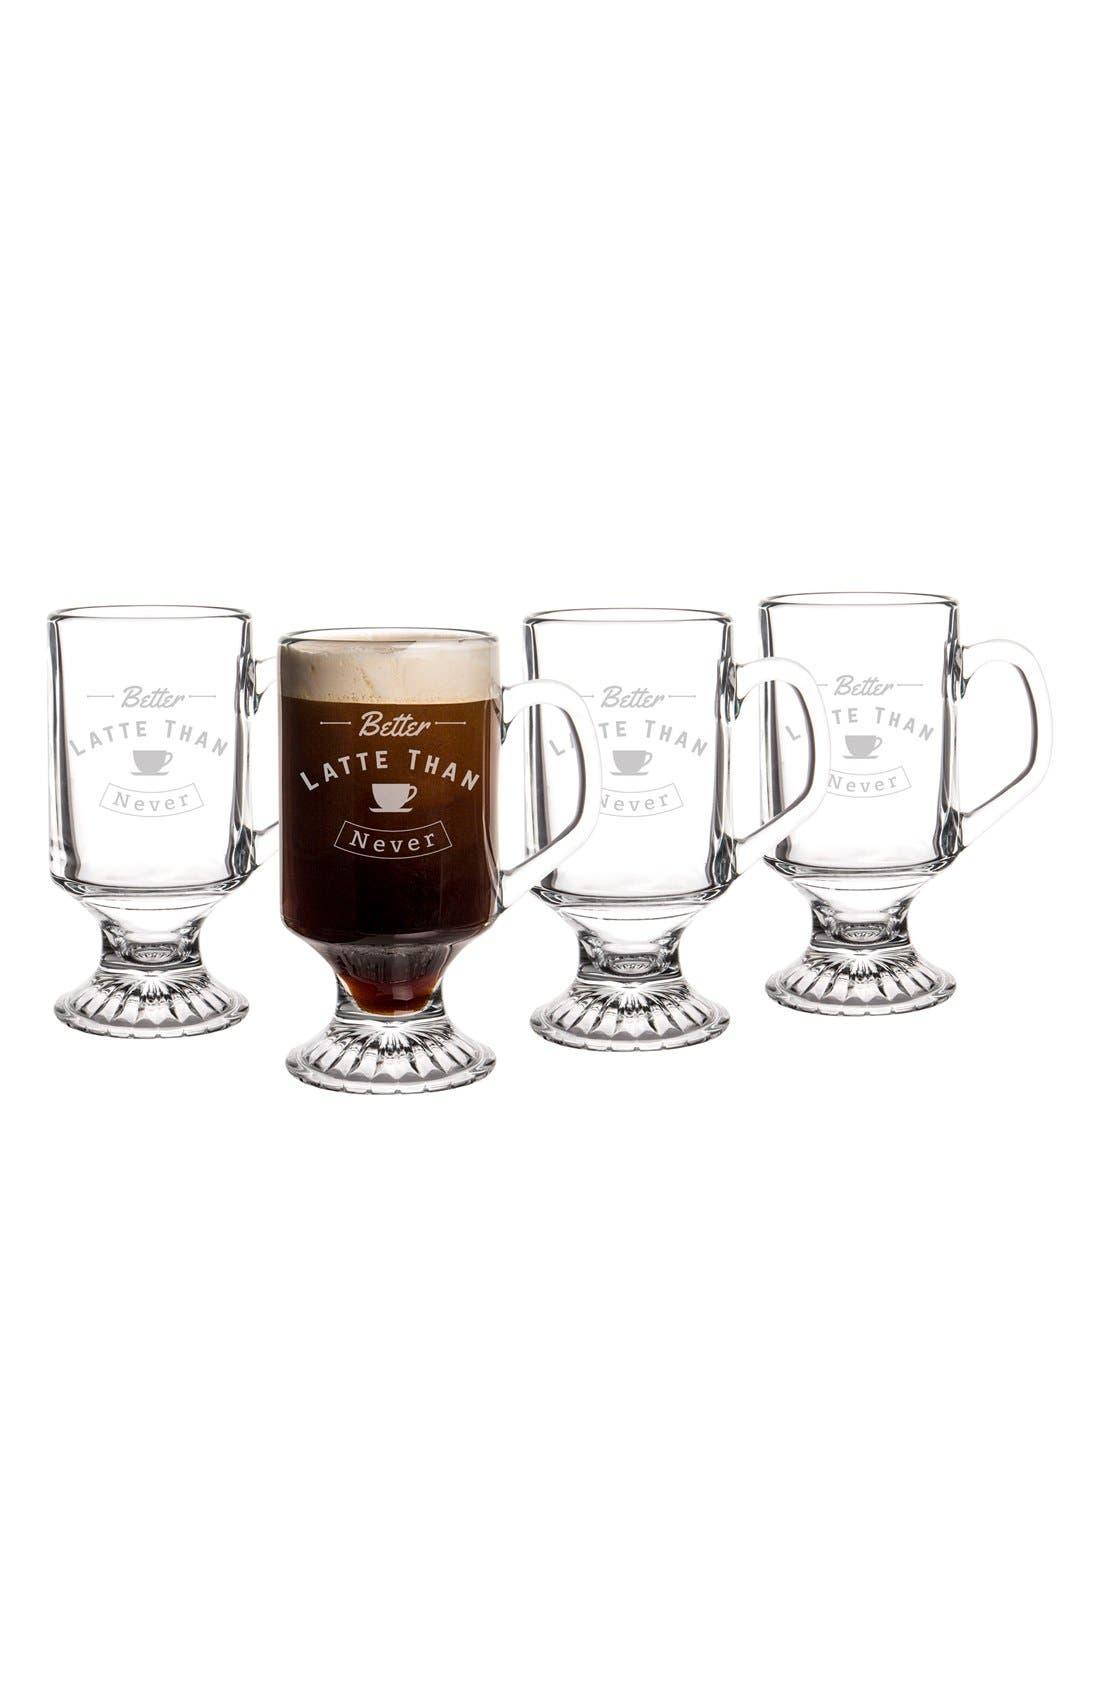 Better Latte Than Never Set of 4 Glass Mugs,                             Alternate thumbnail 3, color,                             100